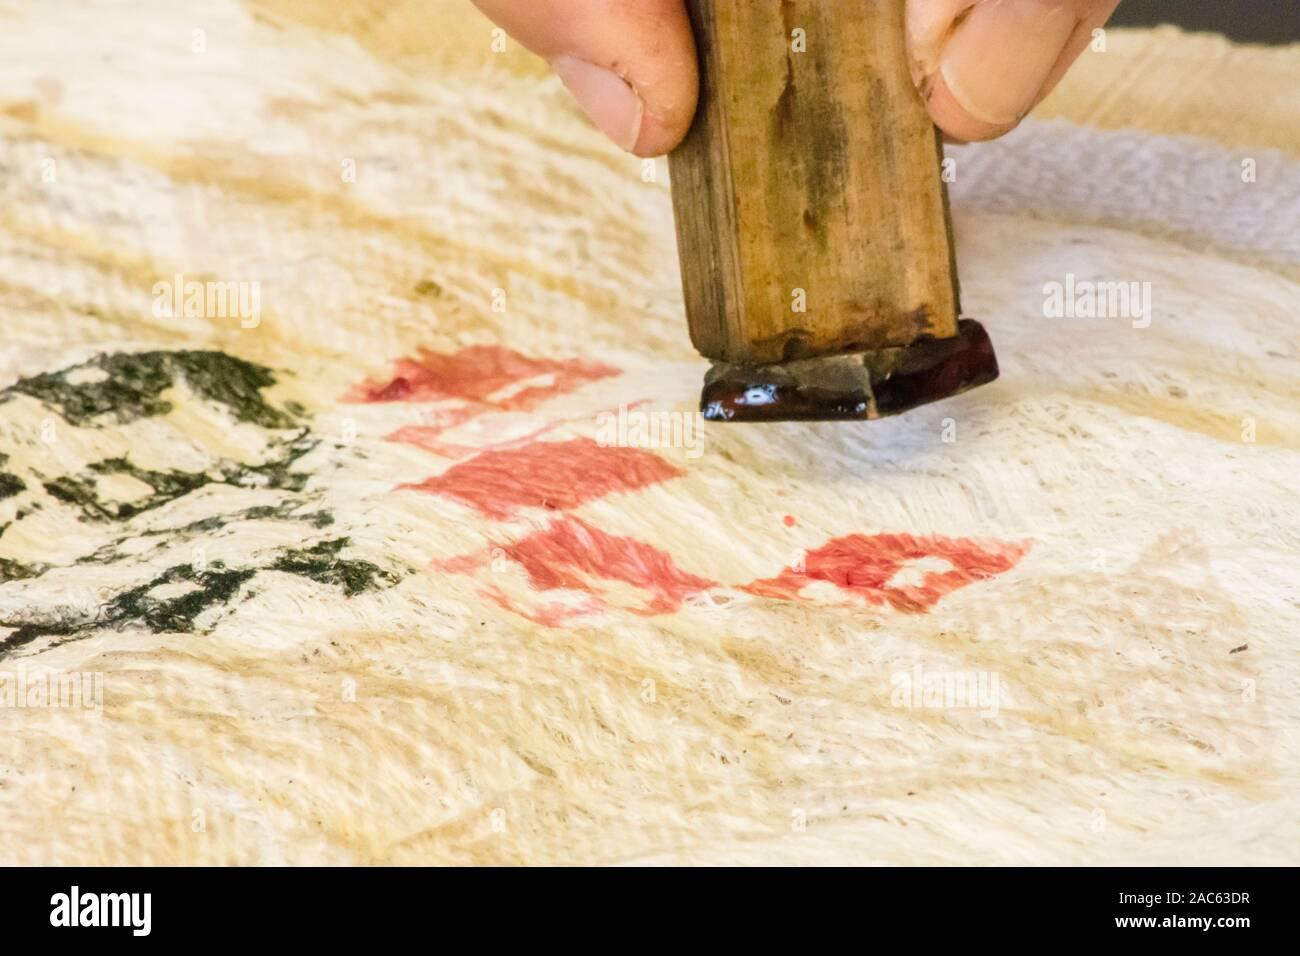 Kapa haciendo en la Isla Grande: Una kapa maker imprime diseños en kapa con un sello de madera impregnadas de tintes de plantas nativas. Foto de stock